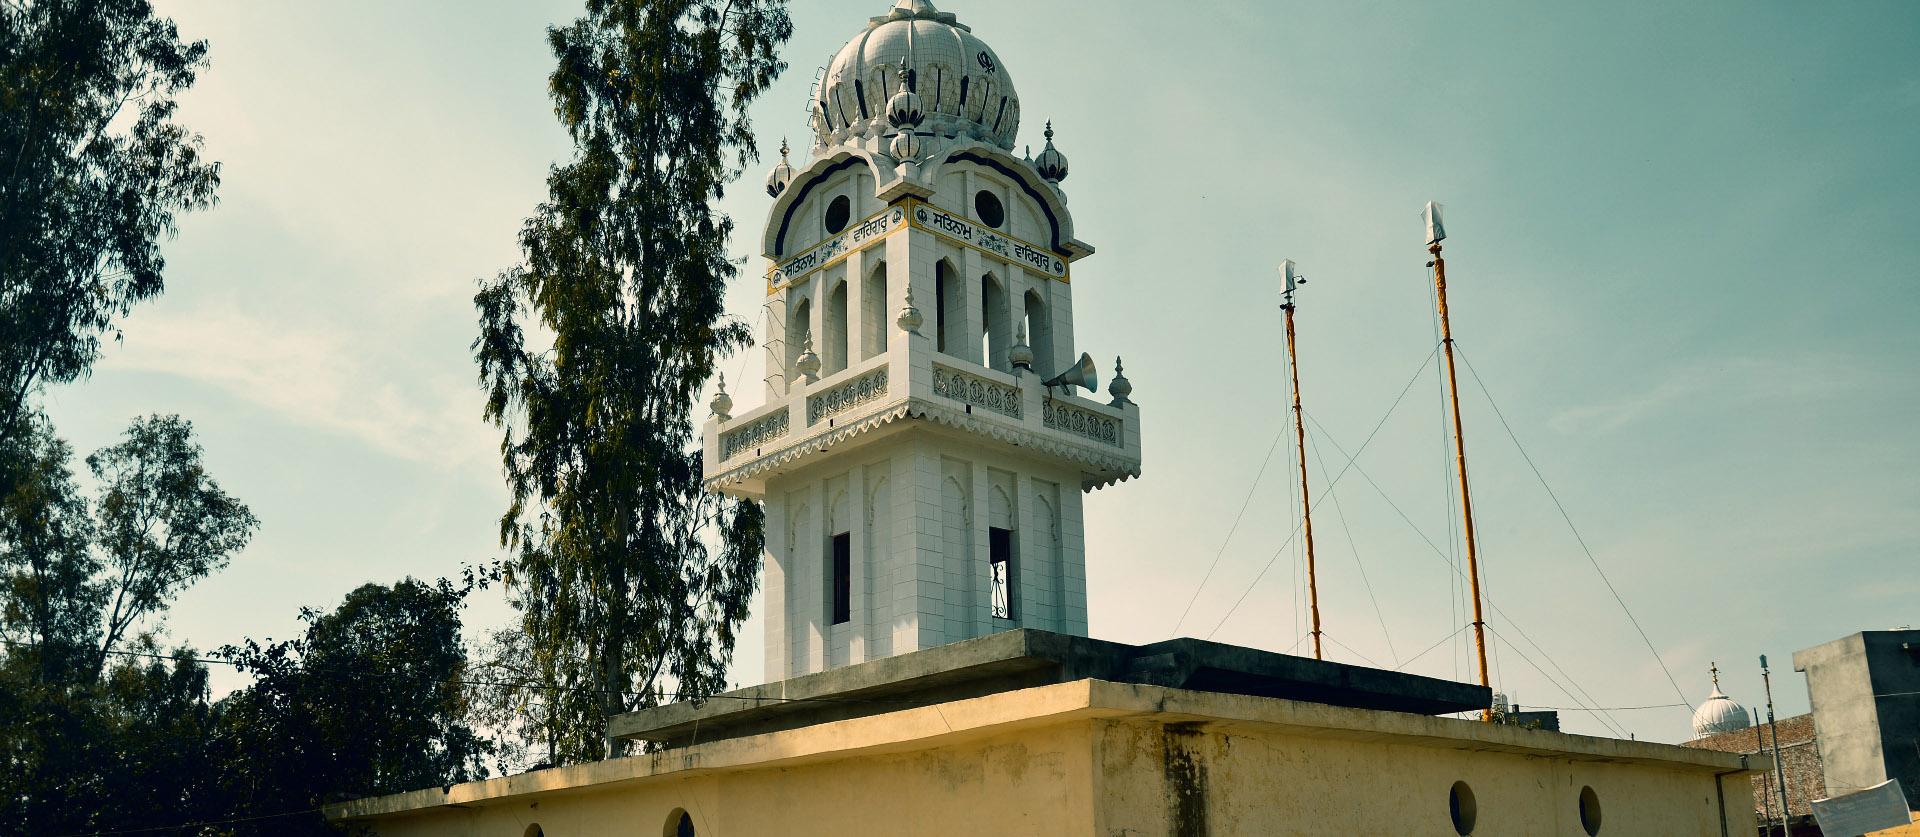 Gurdwara Bakhshish Dham, Ramdas, Amritsar